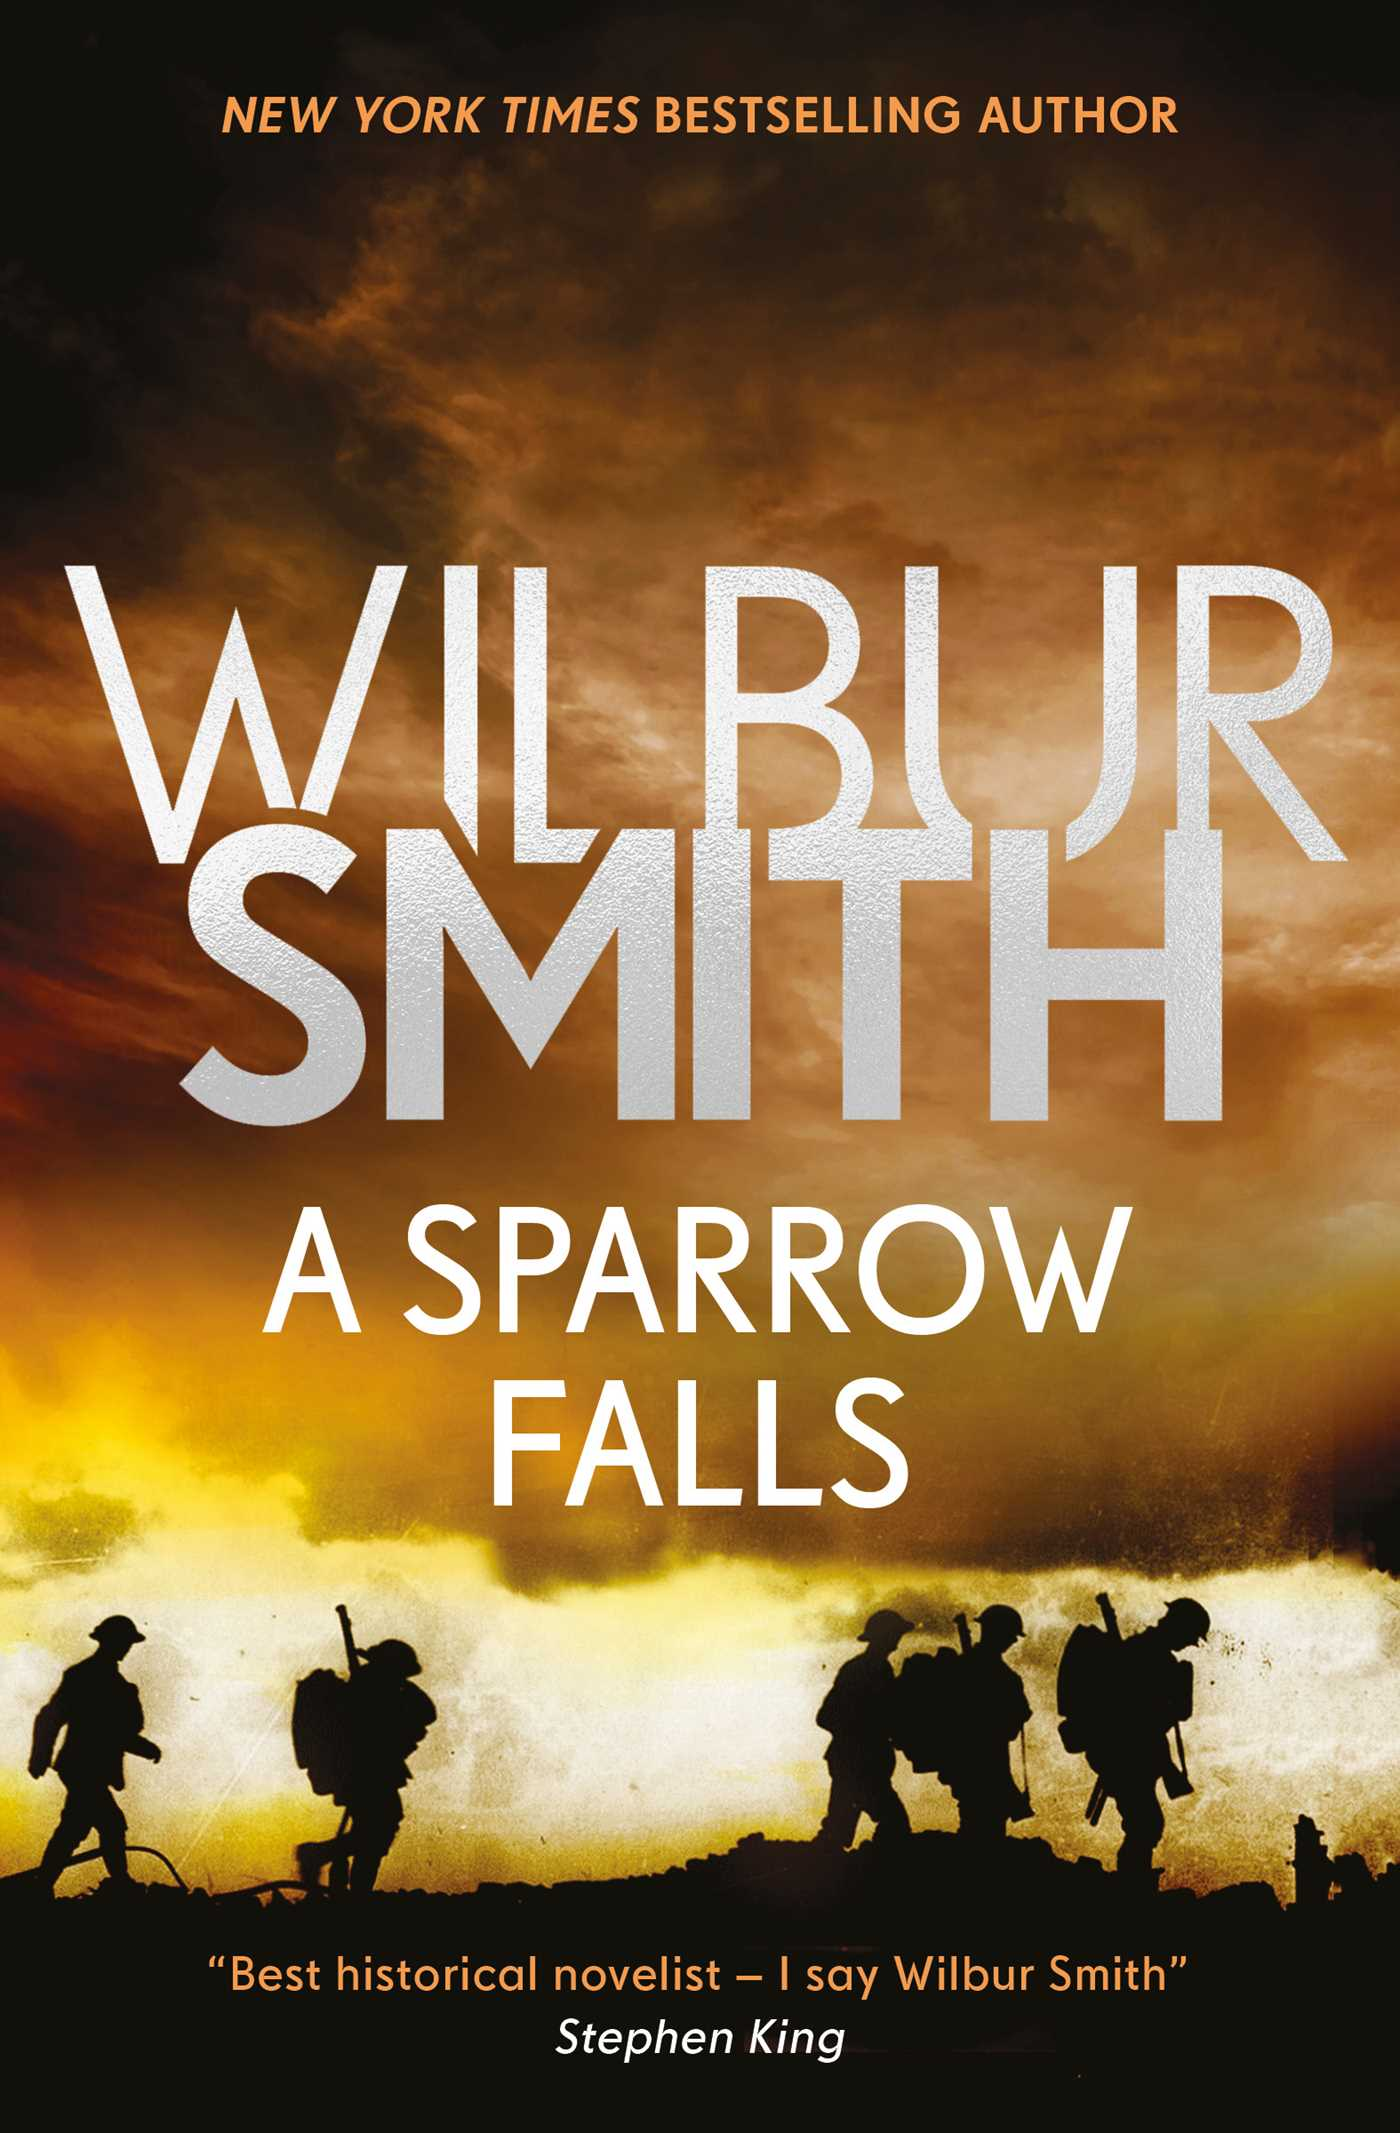 A sparrow falls 9781499860436 hr